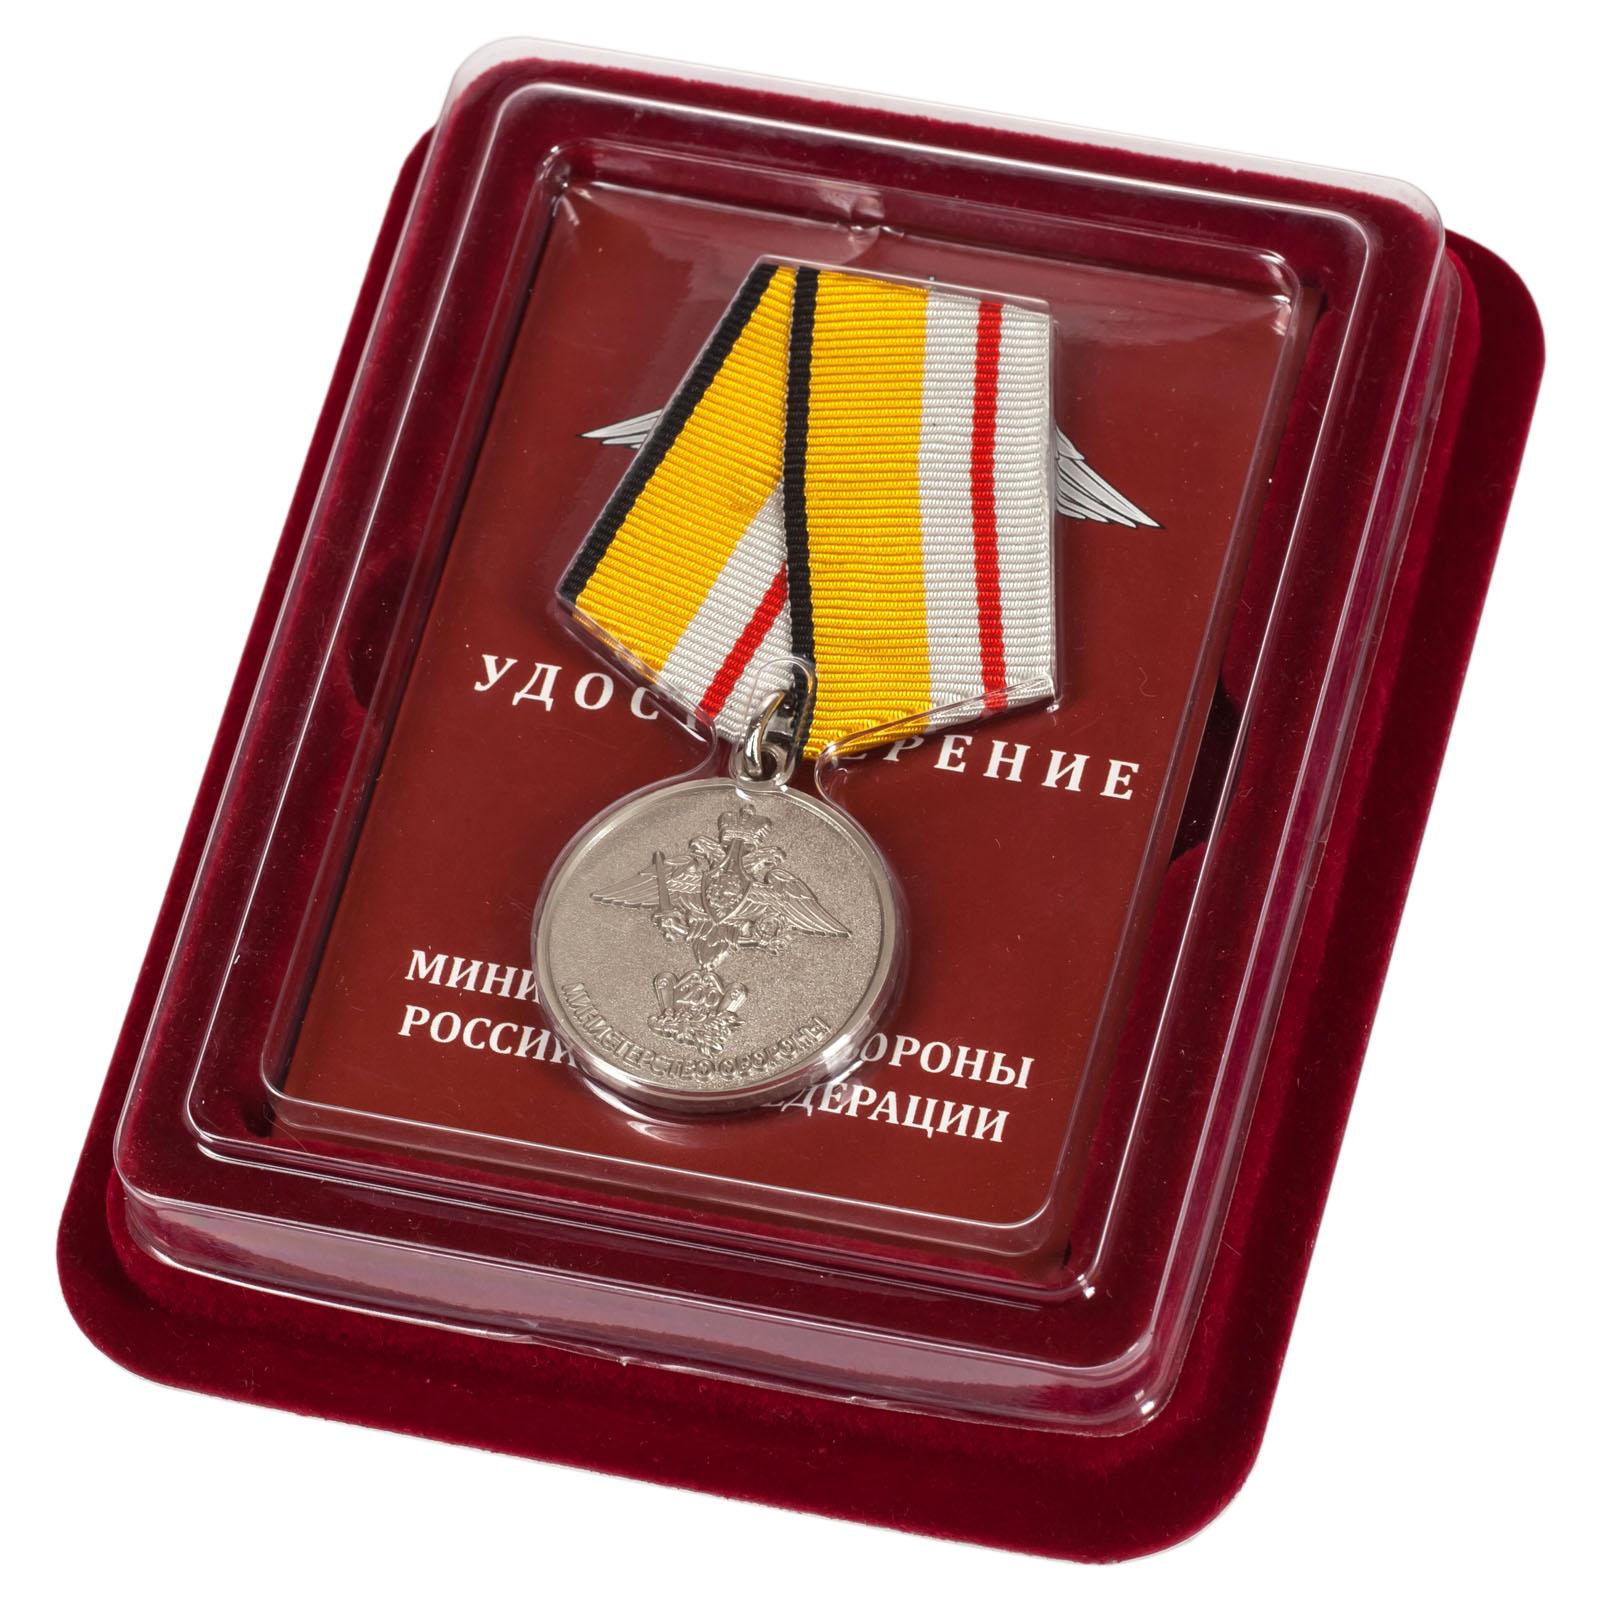 Юбилейная медаль «200 лет Министерству обороны» в наградном футляре